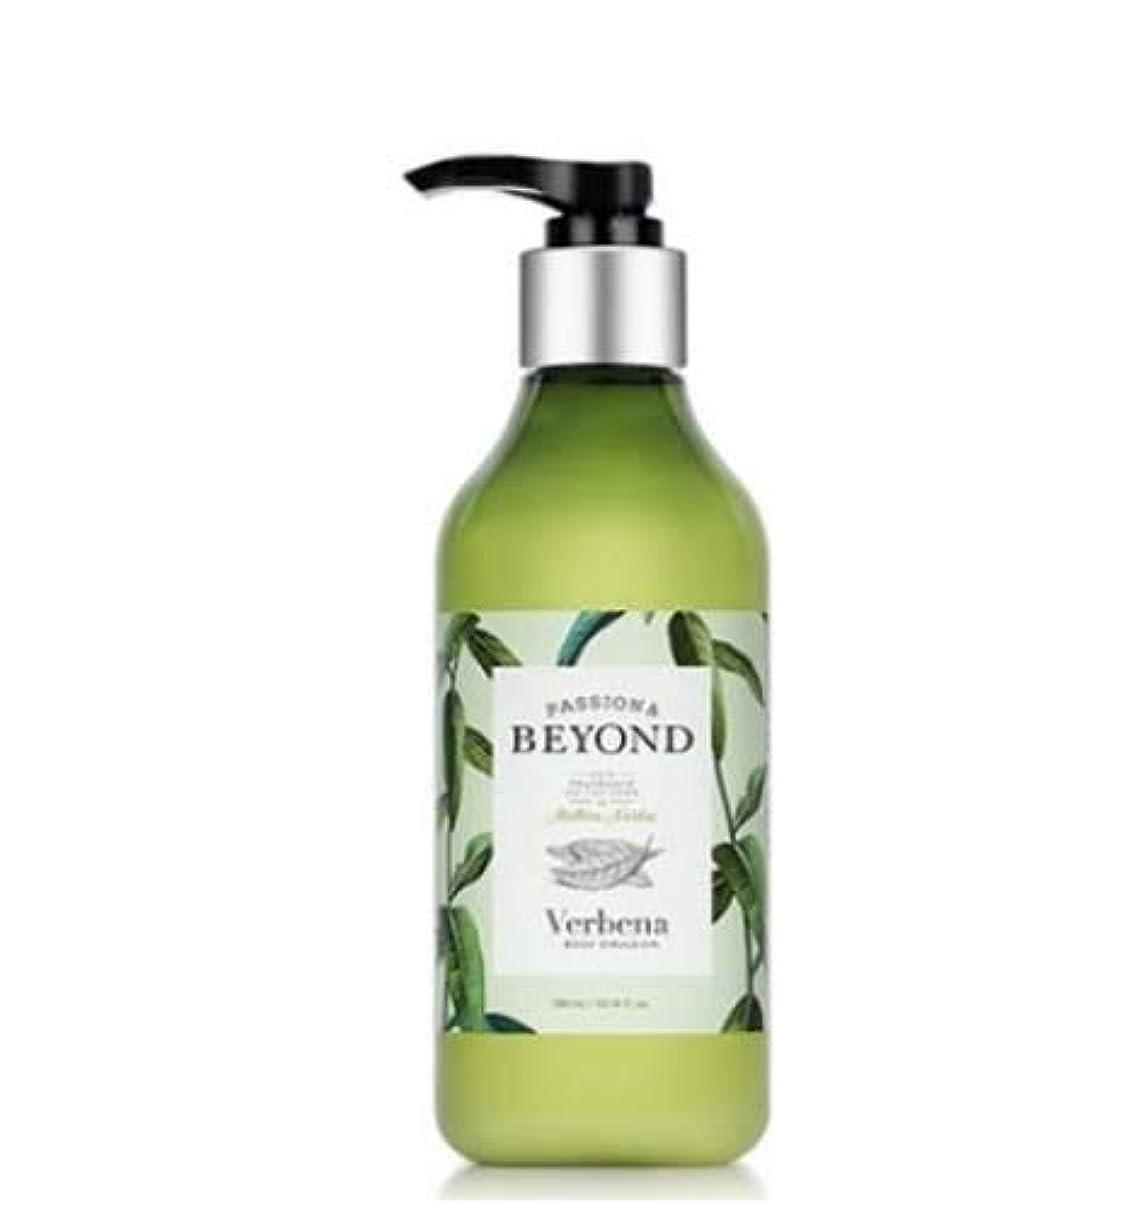 沿って遅いベーカリー[ビヨンド] BEYOND [バーベナ ボディ エマルジョン 300ml] Verbena Body Emulsion 300ml [海外直送品]